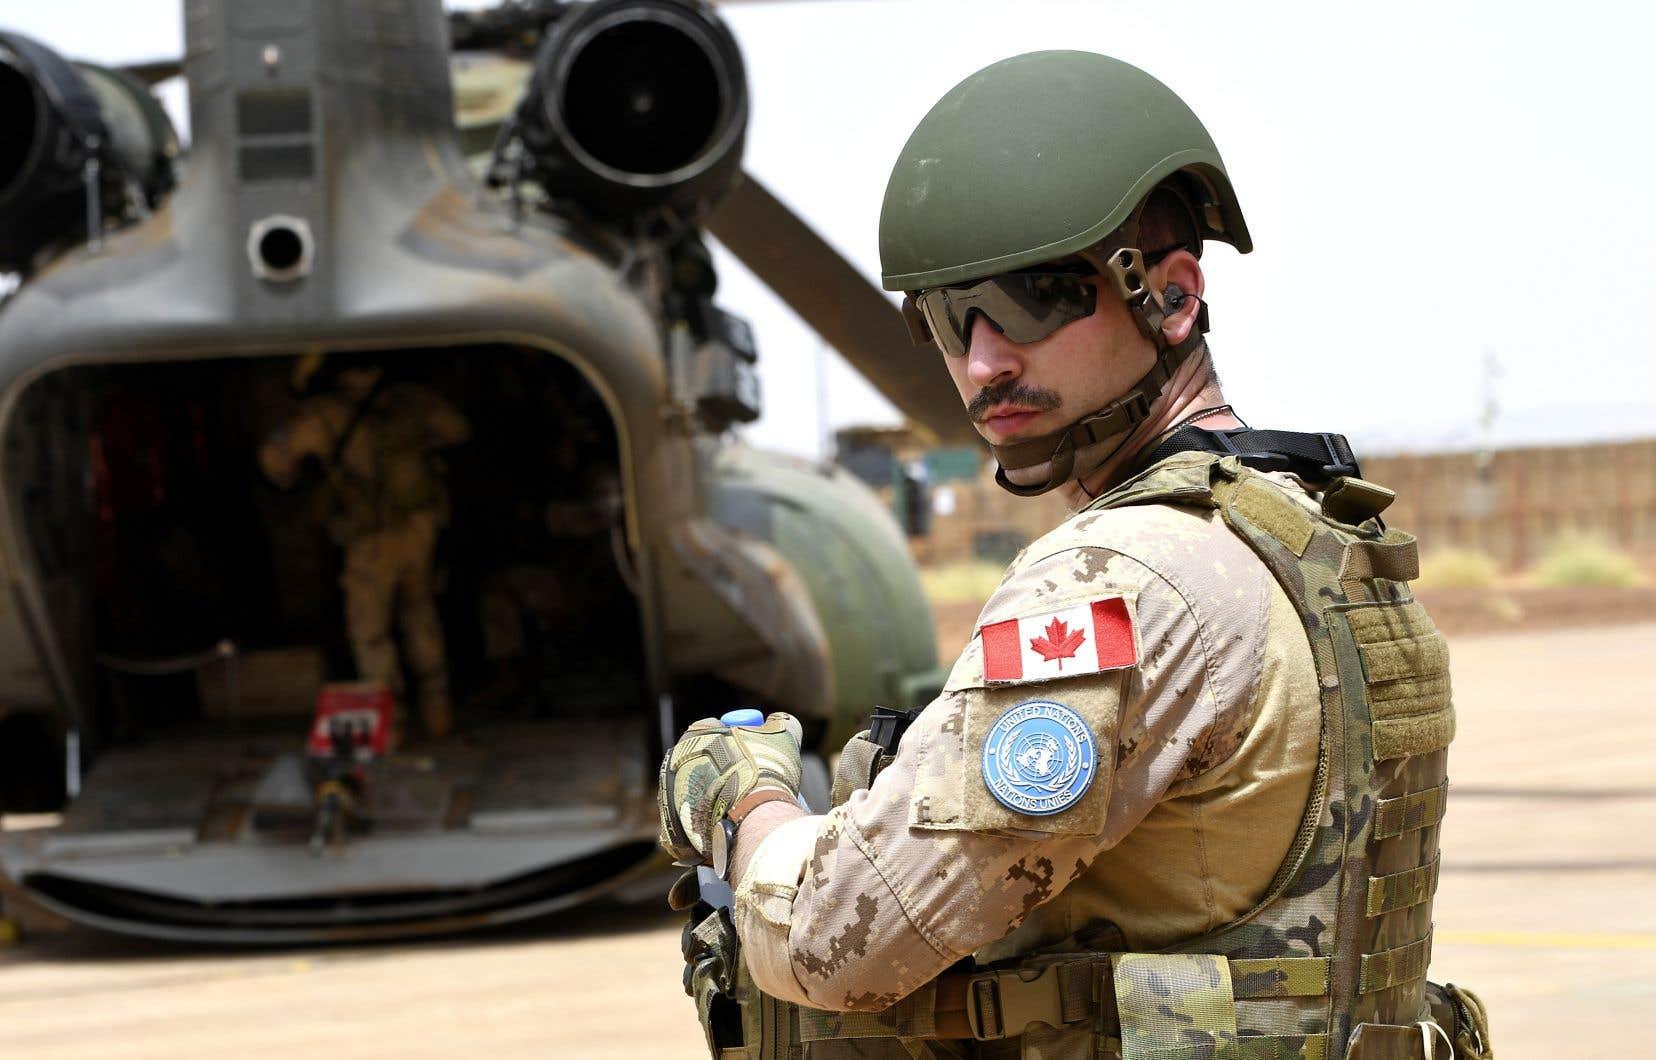 «Le gouvernement fait le choix regrettable d'investir dans l'armée plutôt que dans la solidarité internationale!», croient les auteurs.